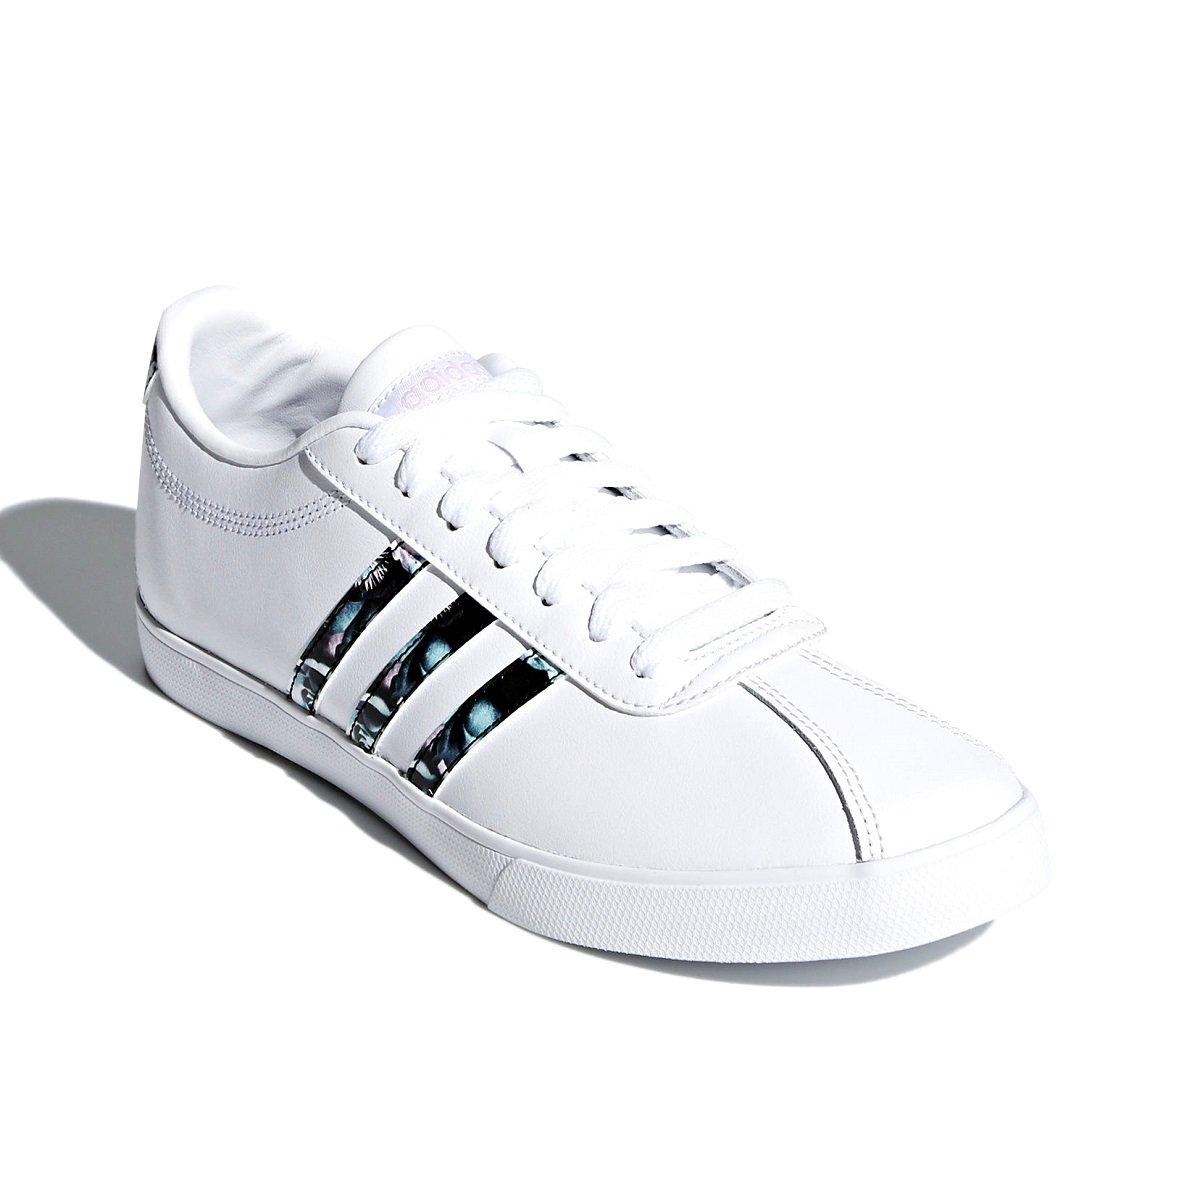 e2a7f2324e1 Tênis Feminino Adidas Courtset W DB1373 - Branco - Calçados Online ...